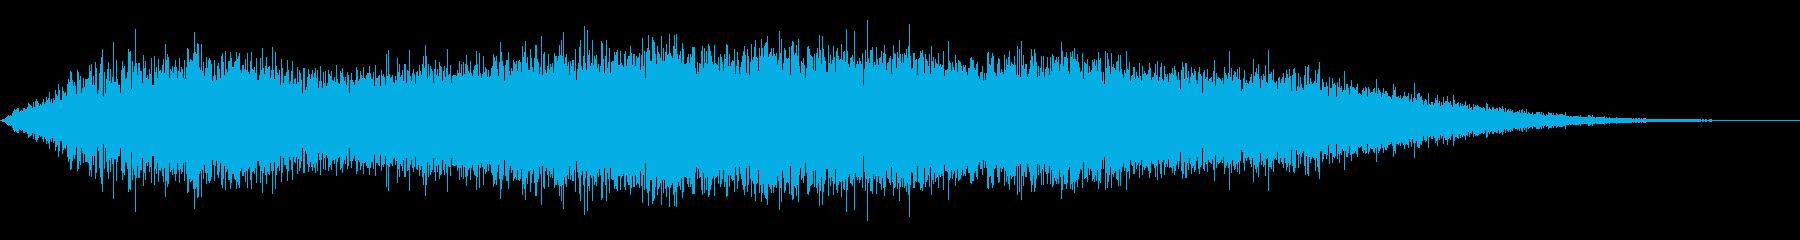 リバーブゴースト合唱団、ホラーゴー...の再生済みの波形